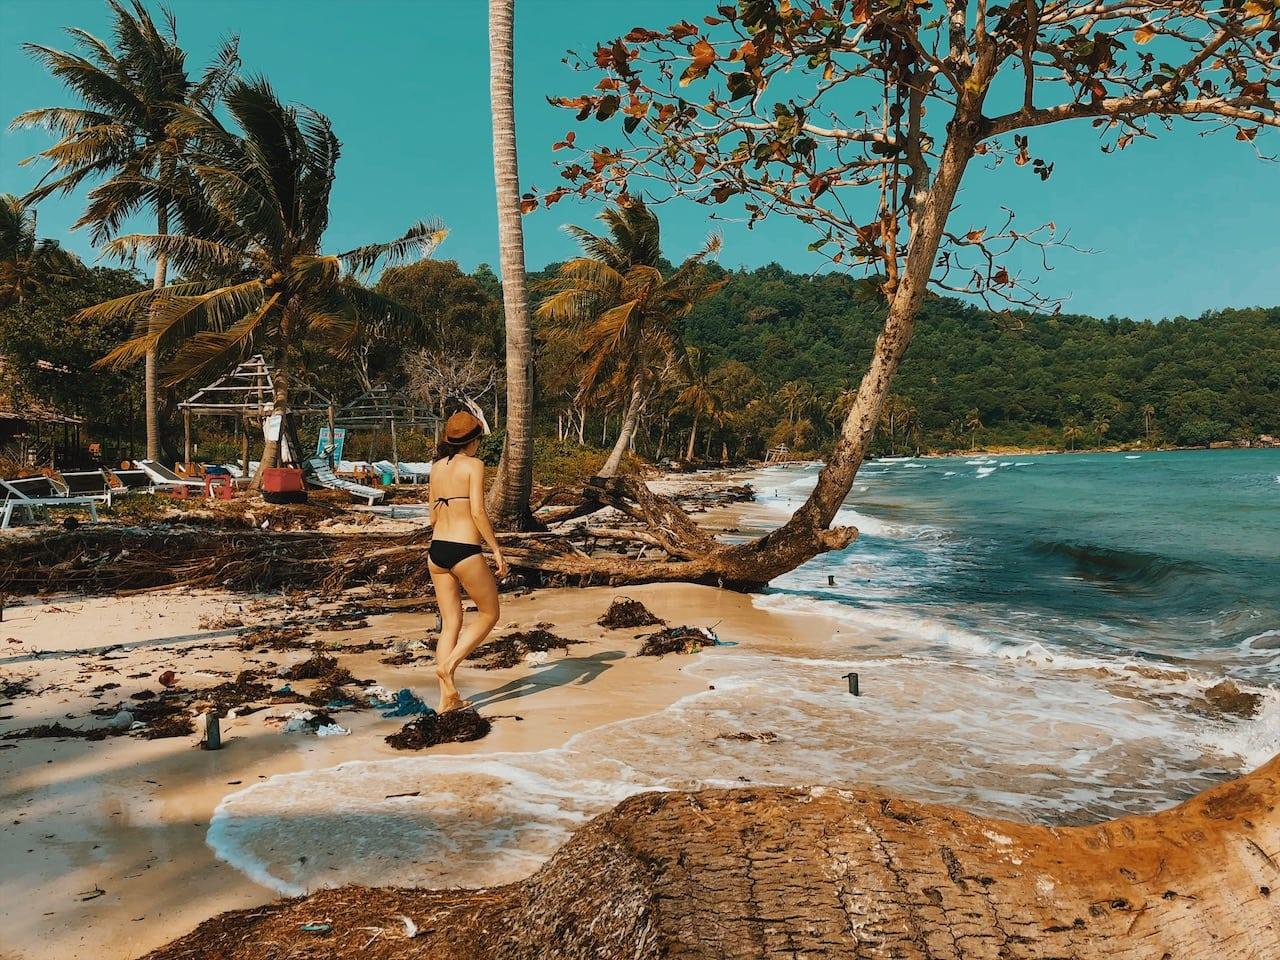 sao beach, plaża ciekawe miejsca palmy, woda, drzewa spokój, piasek fale wyspa phu quoc wietnam neverendingtravel.pl